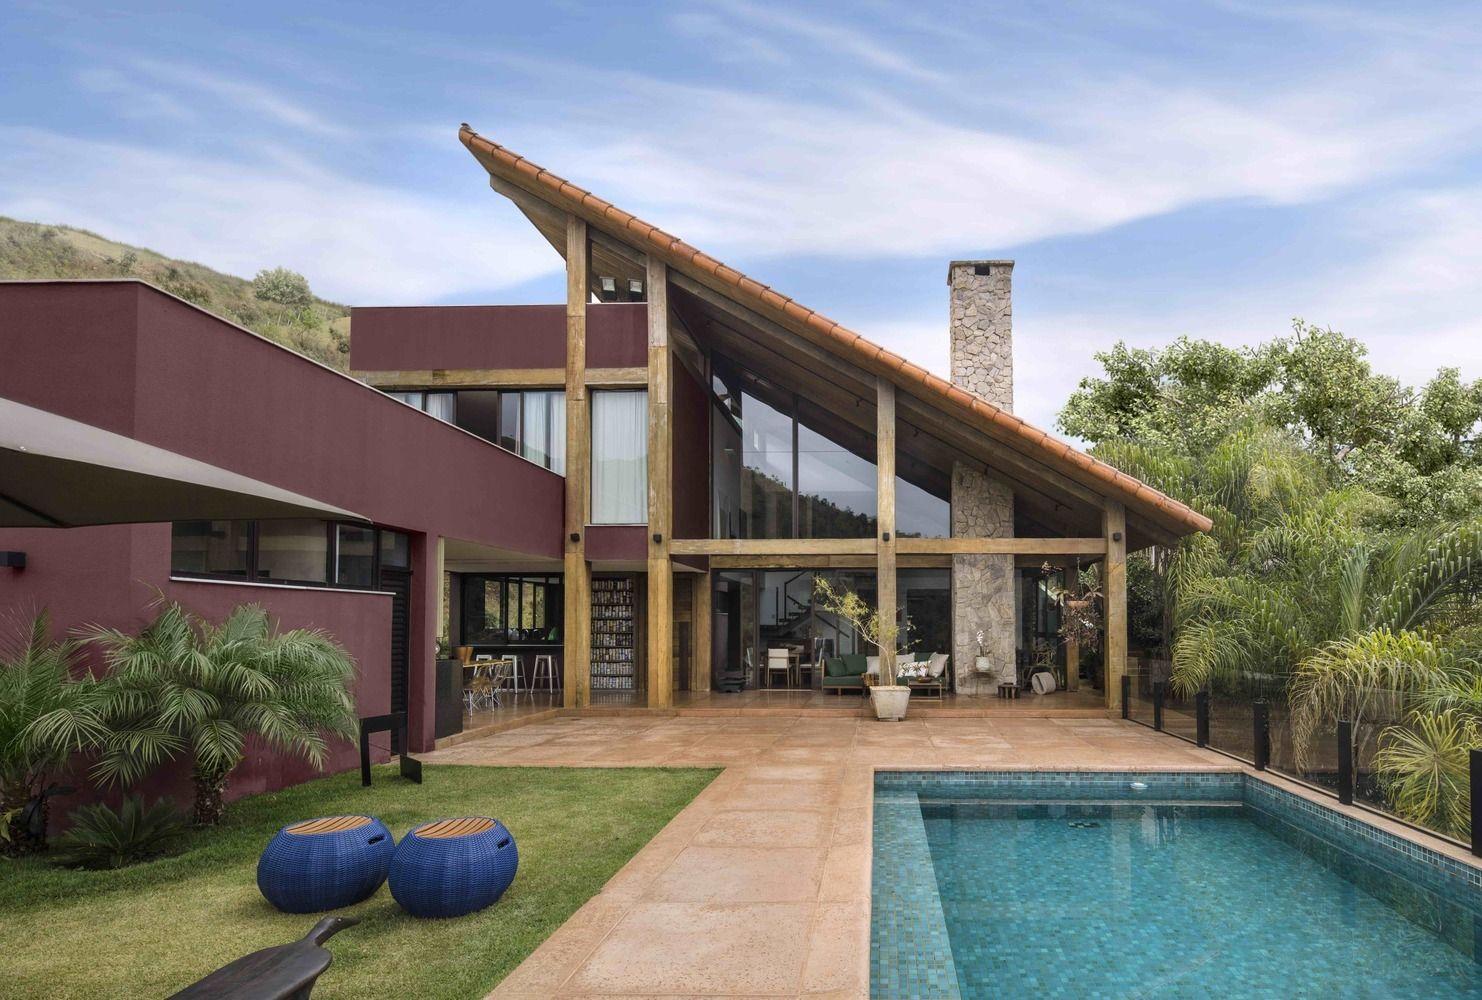 Galería de Casas brasileñas 16 ejemplos con cubierta